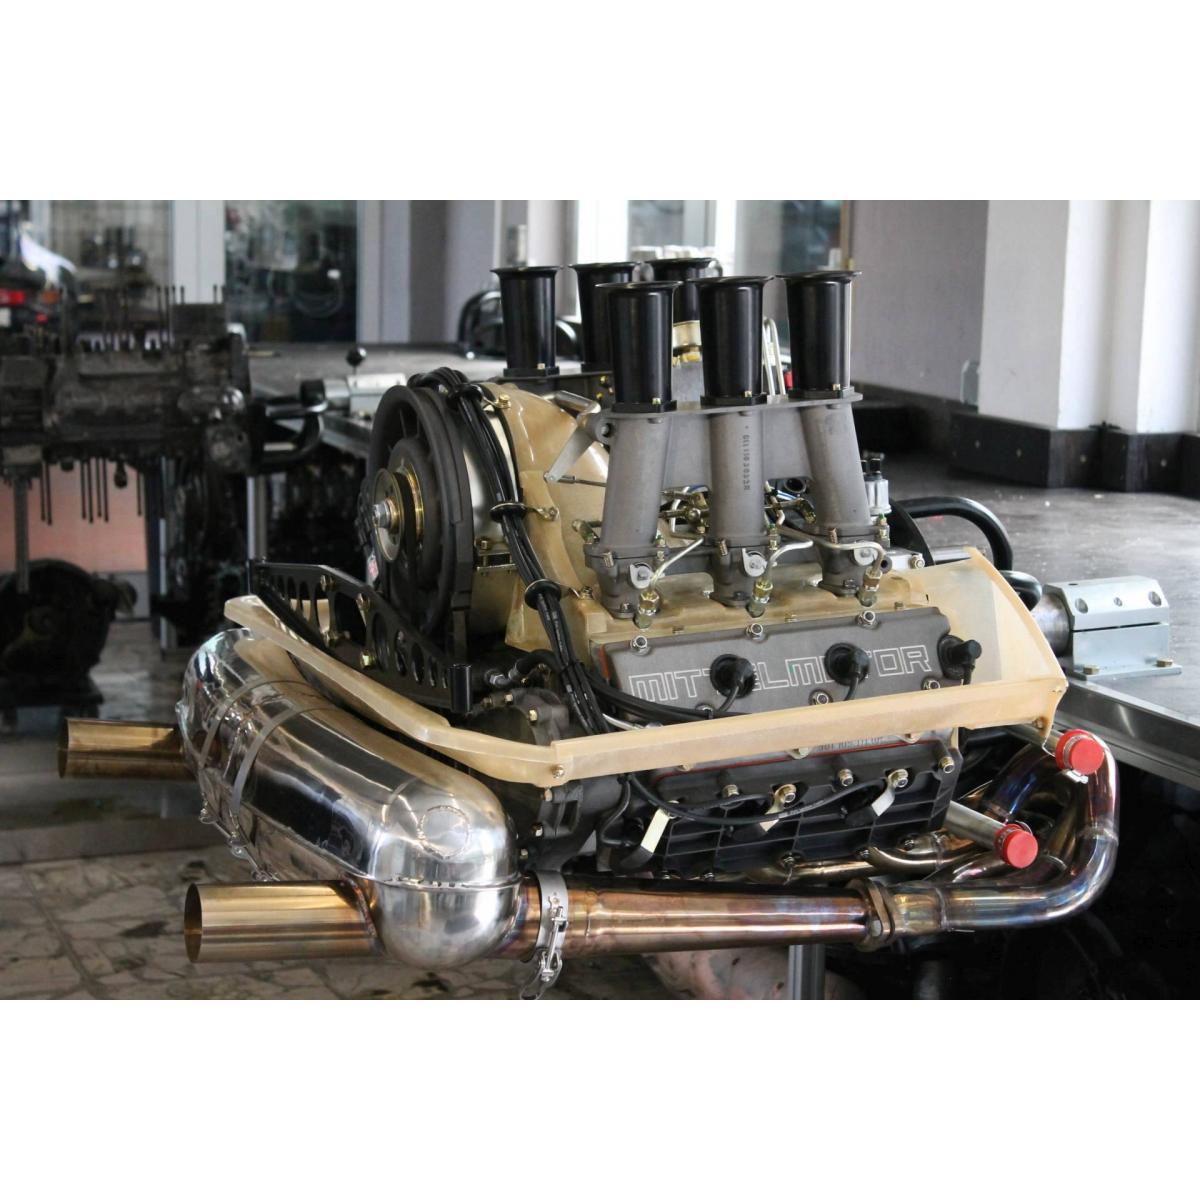 """Motor komplett, 2,3 ST (2,4), Rundstrecke, MFI, 283 PS/ 248 Nm, """"Cold Sweat"""""""